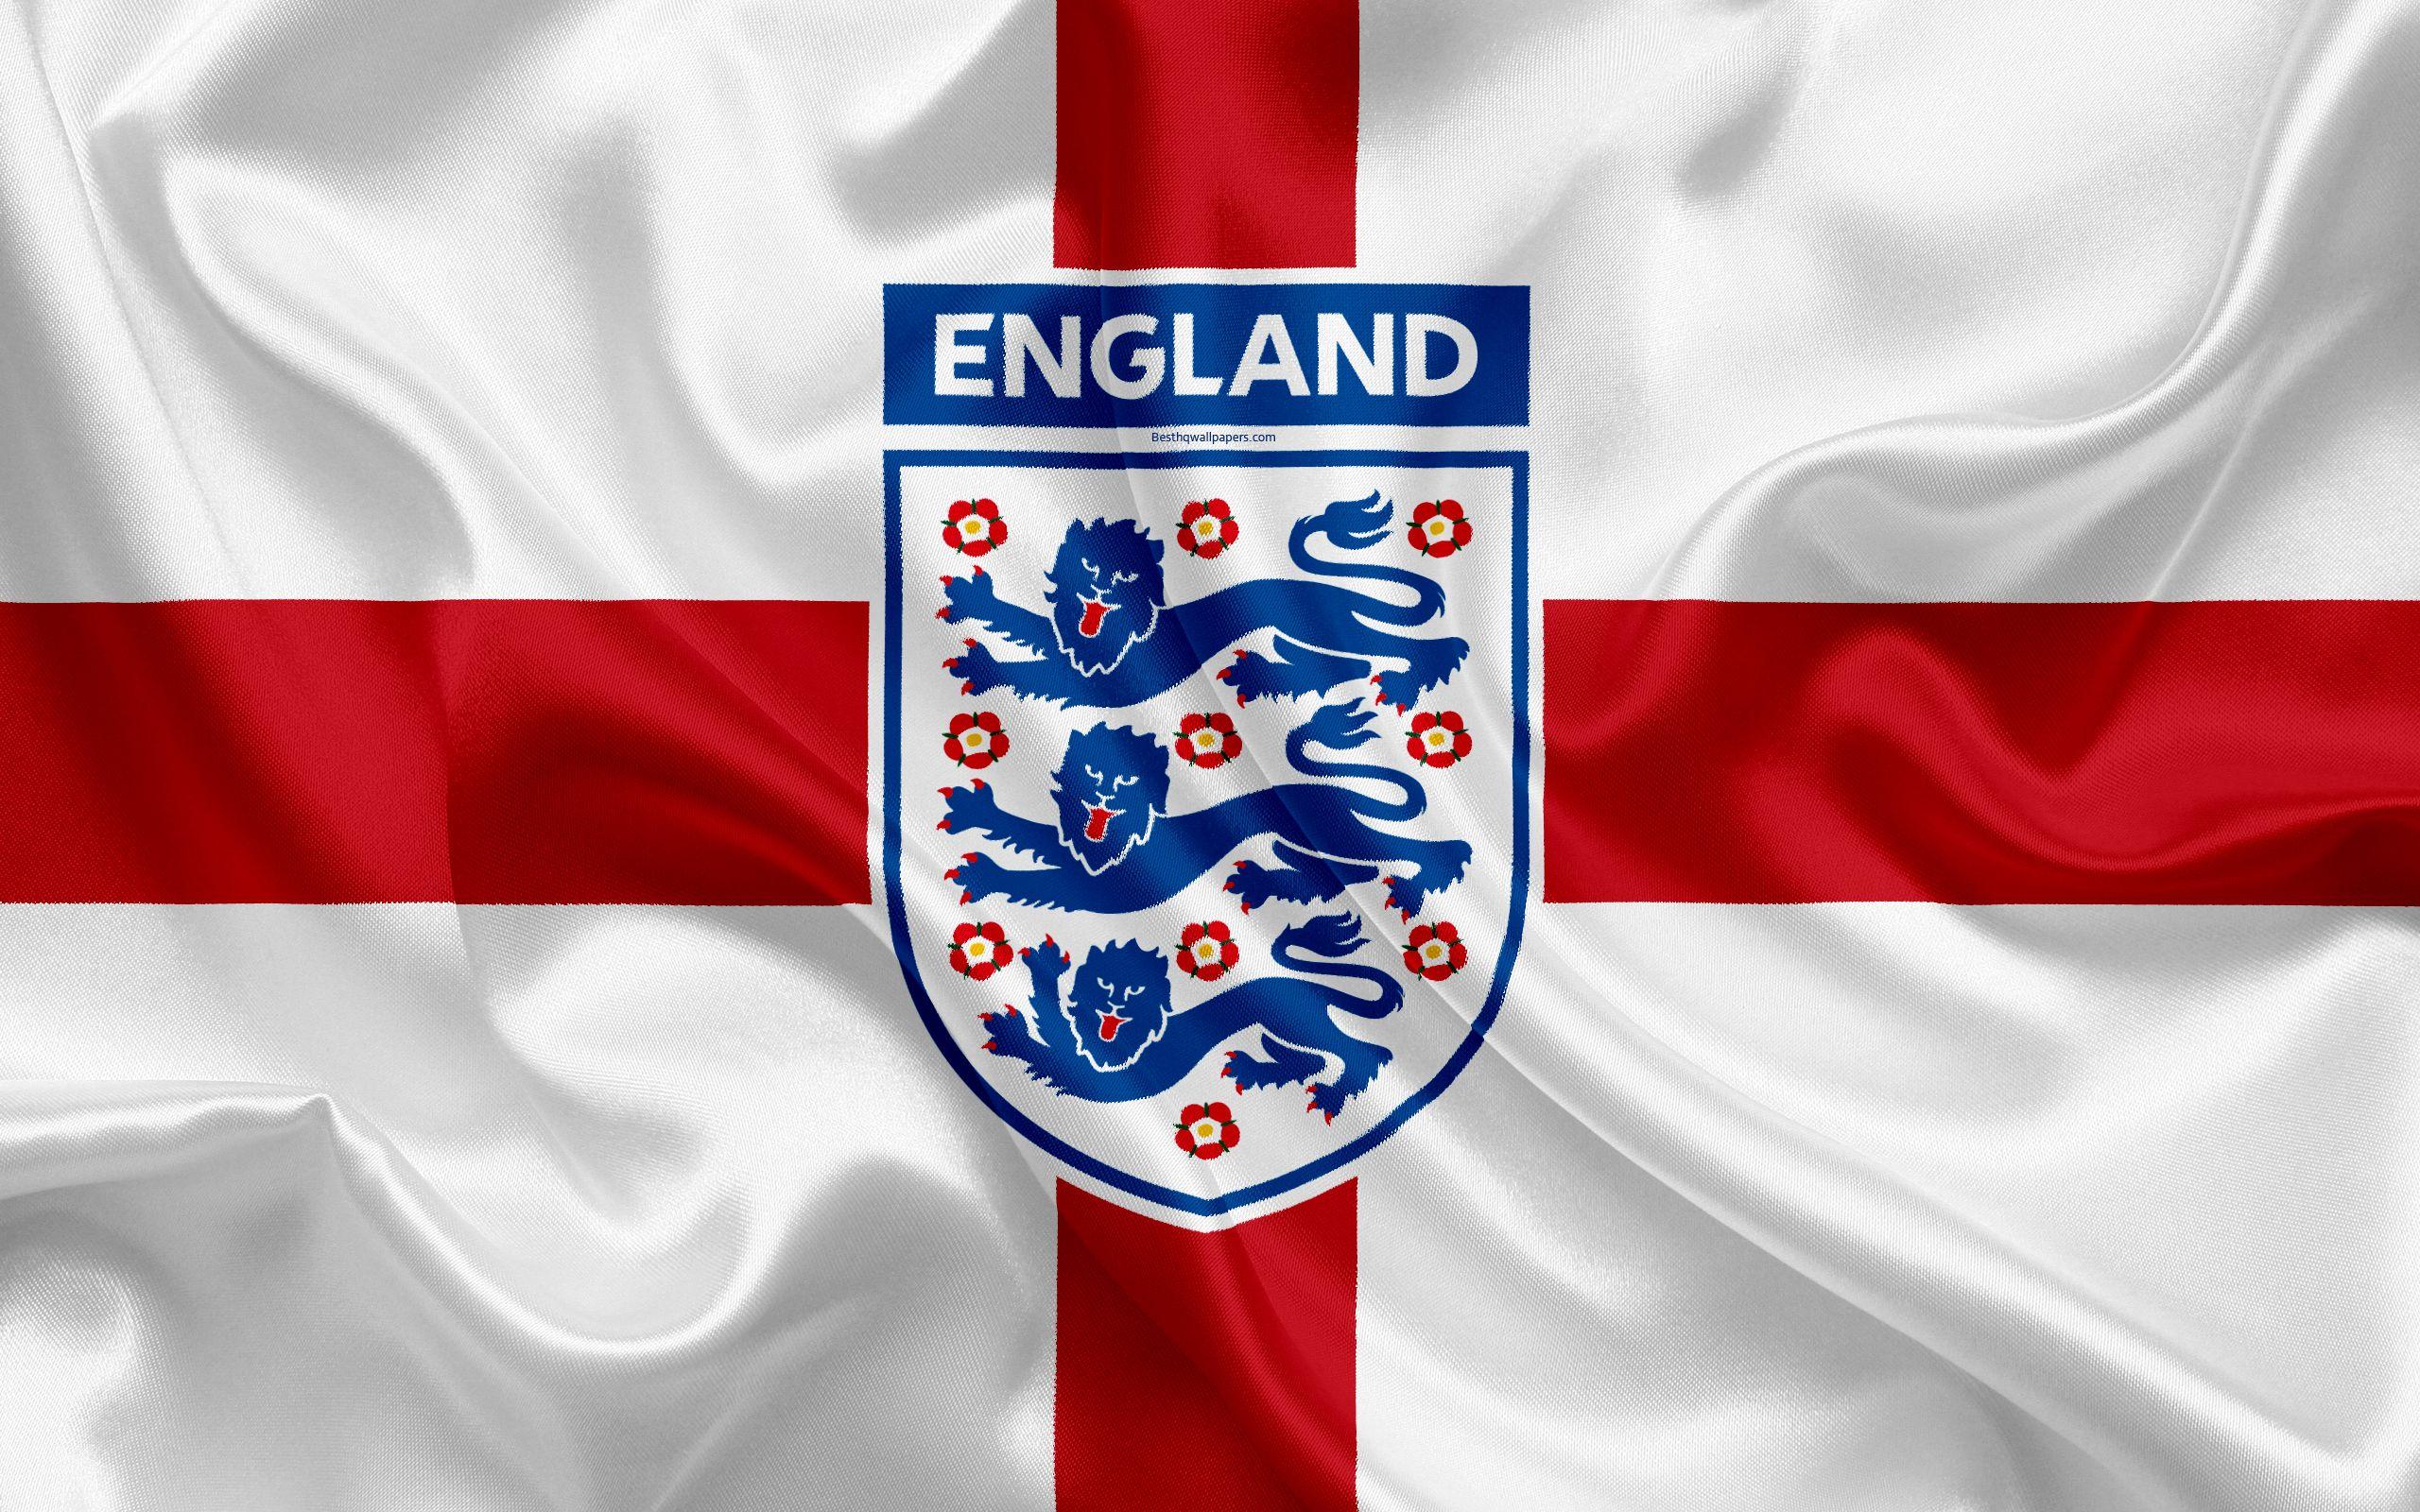 England Ripple XRP Bank Of England